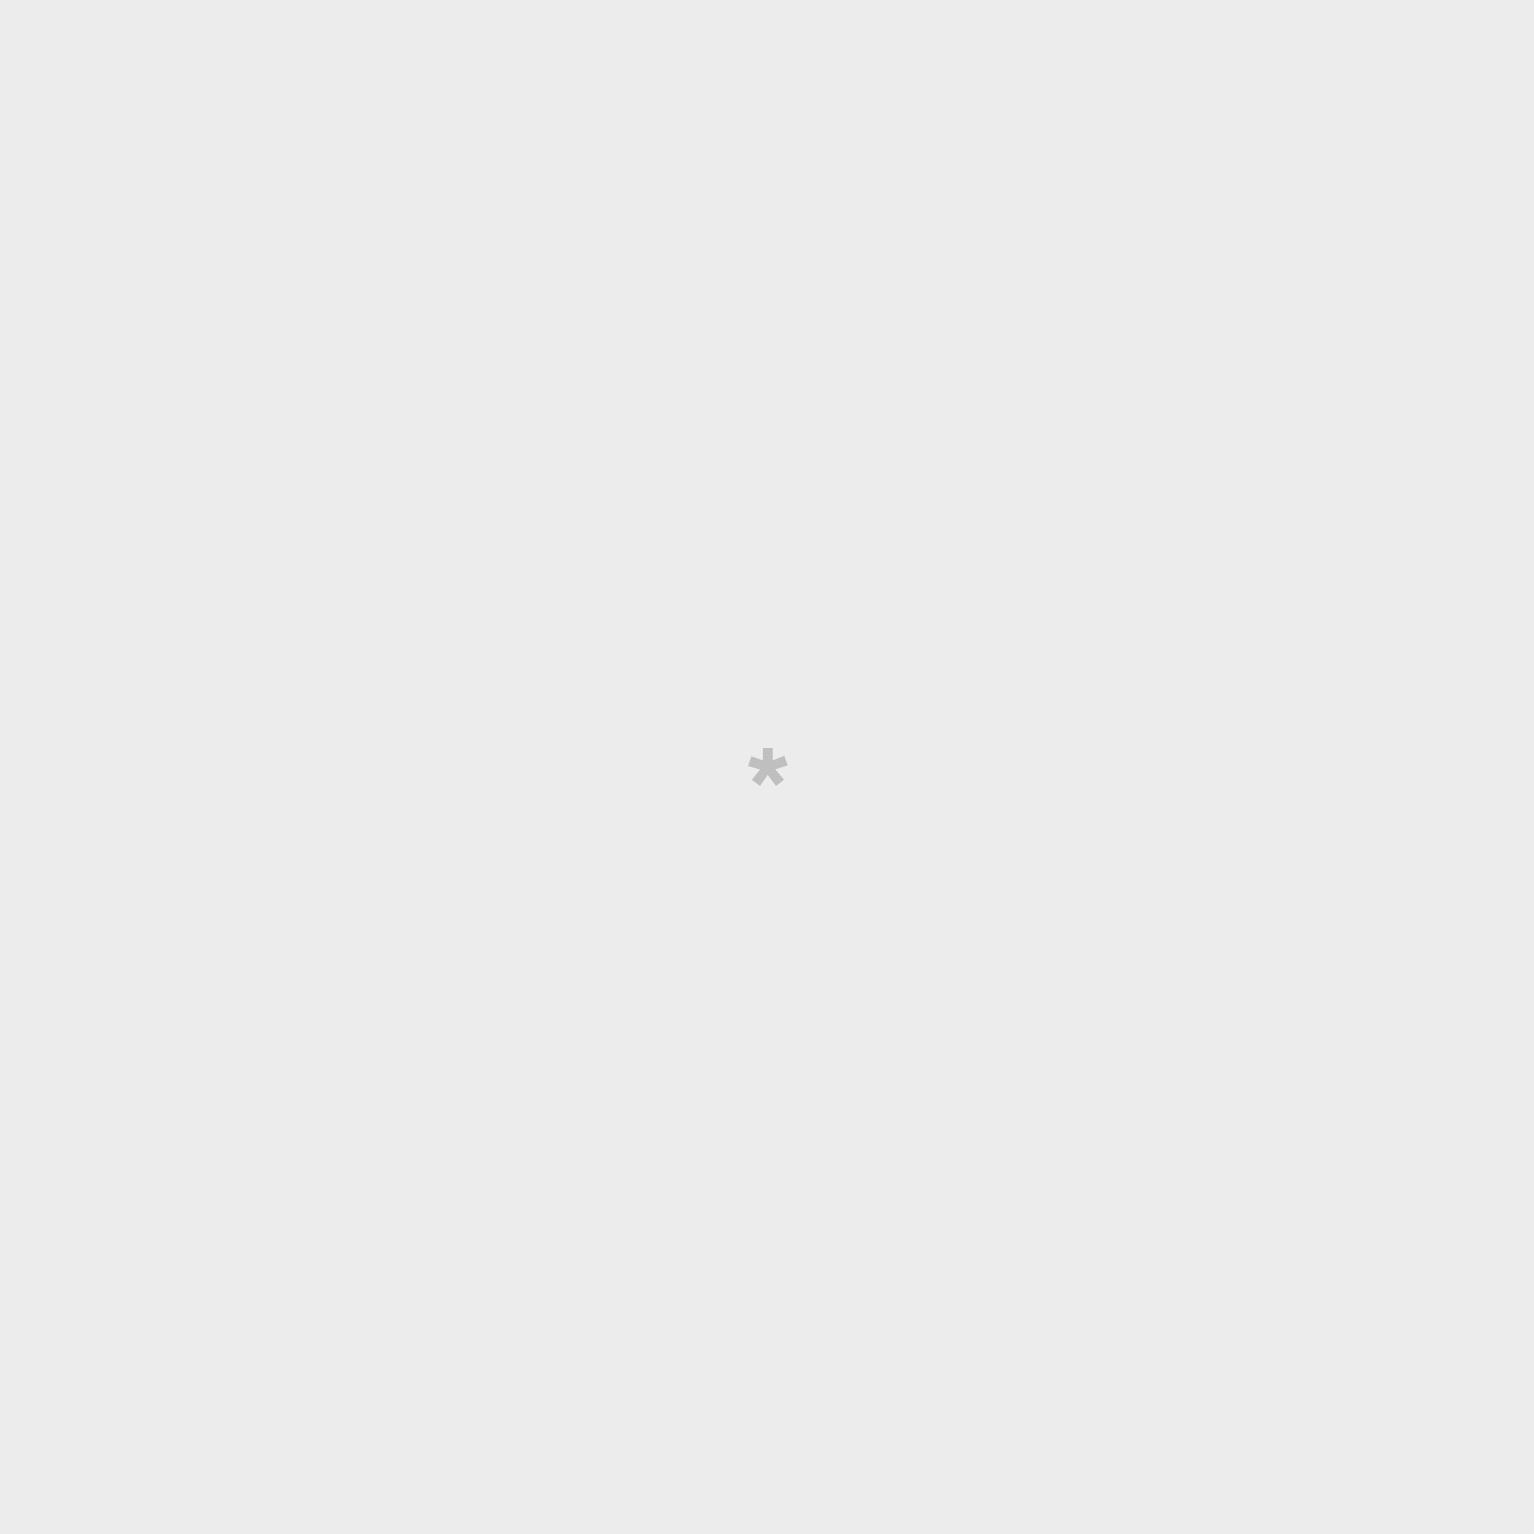 Set de 3 stylos pour t'inspirer et te dépasser